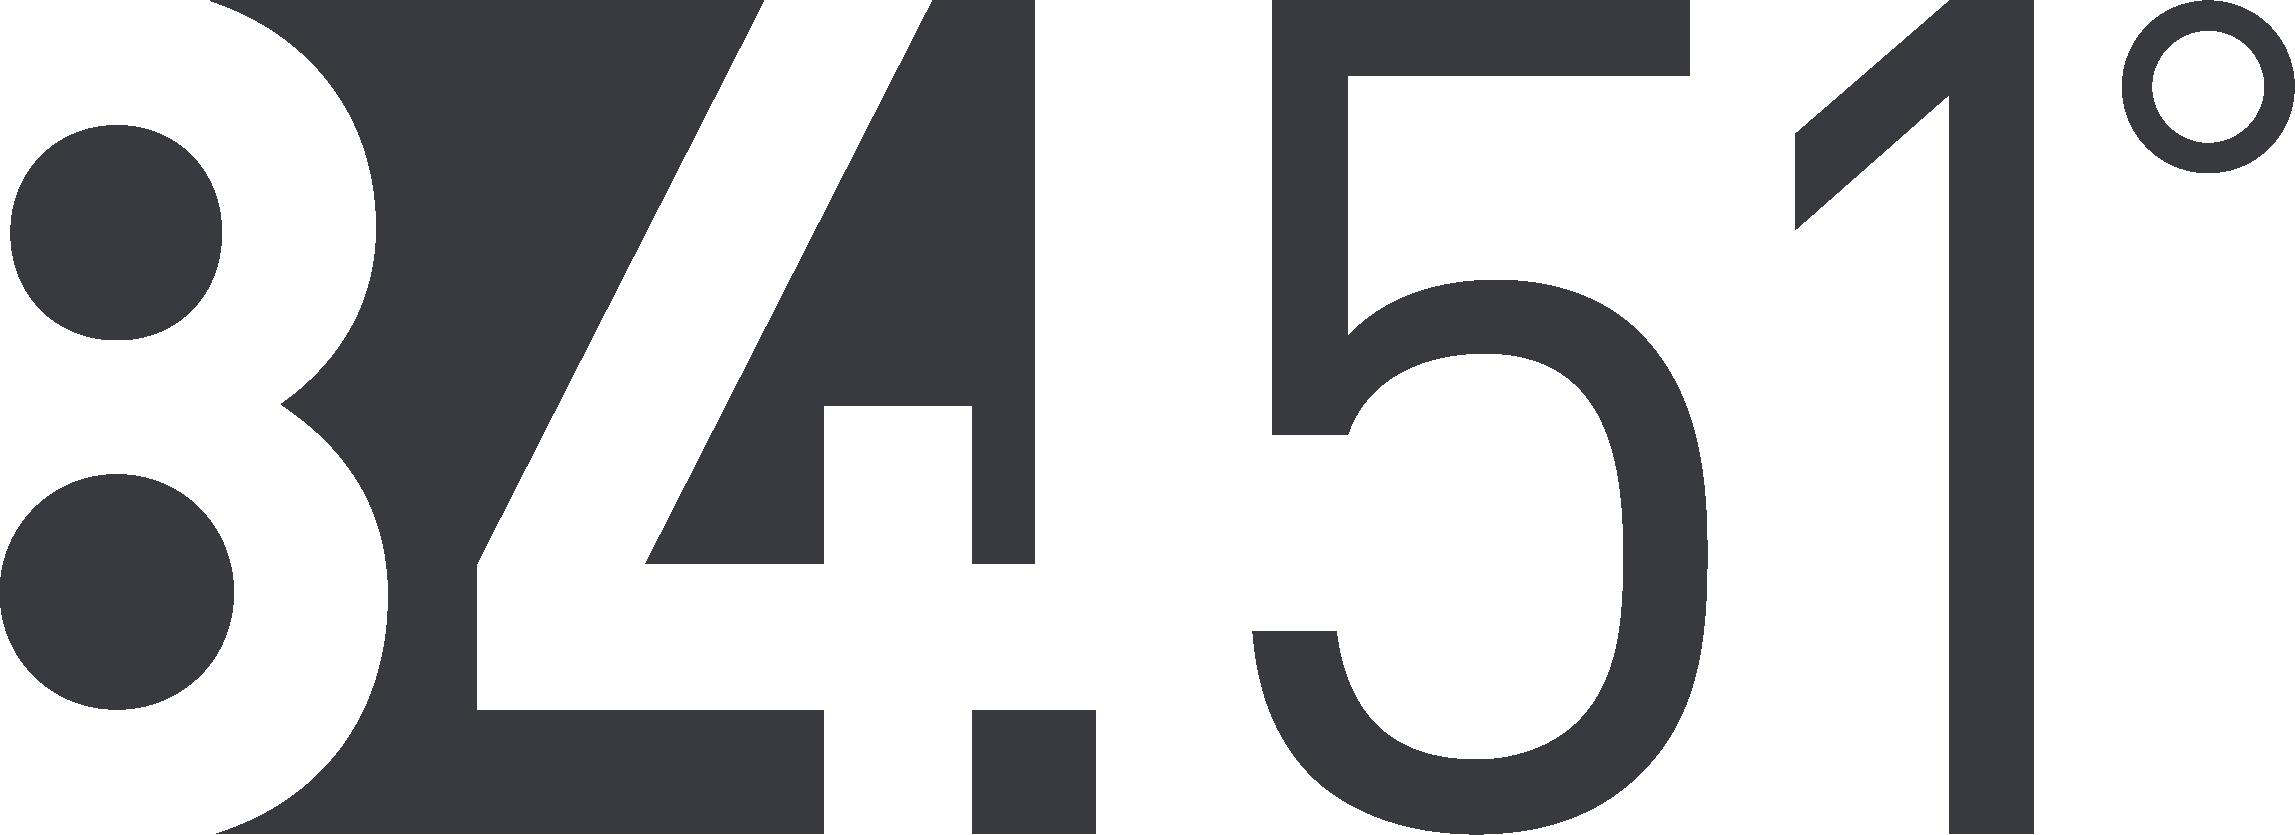 8451_logo_space_RGB.PNG